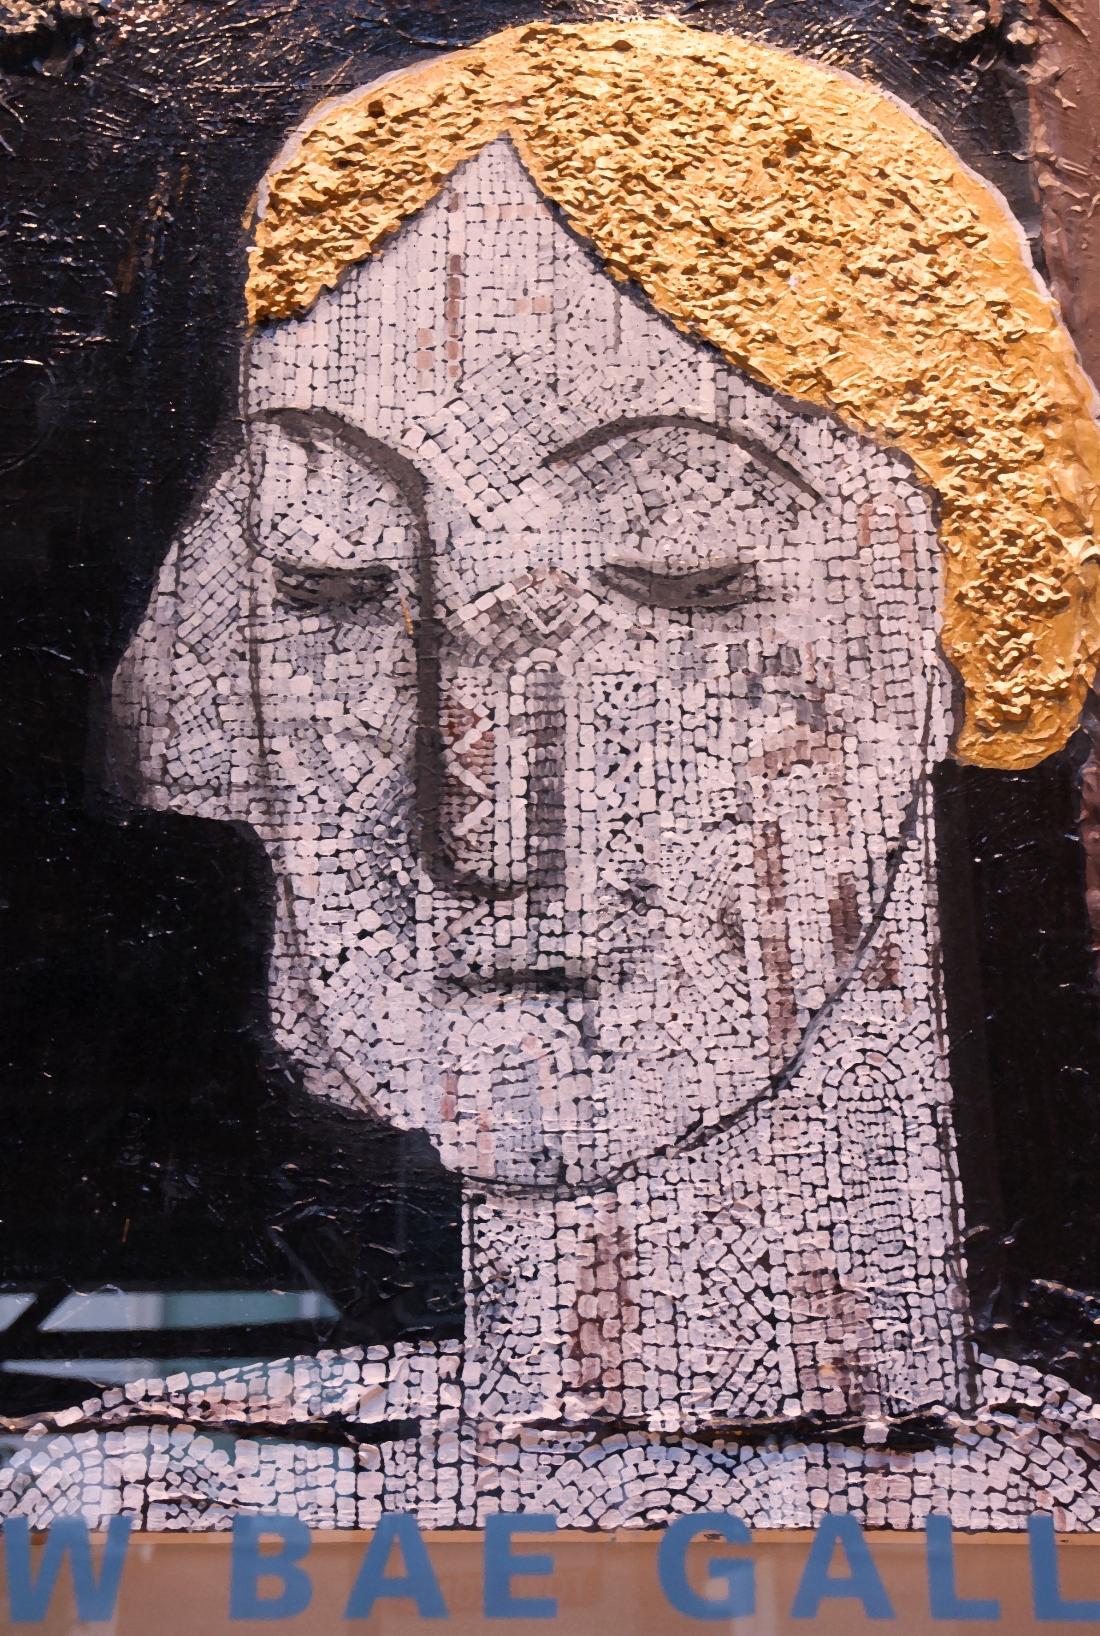 Portrait, Bae Gallery, Chicago, IL